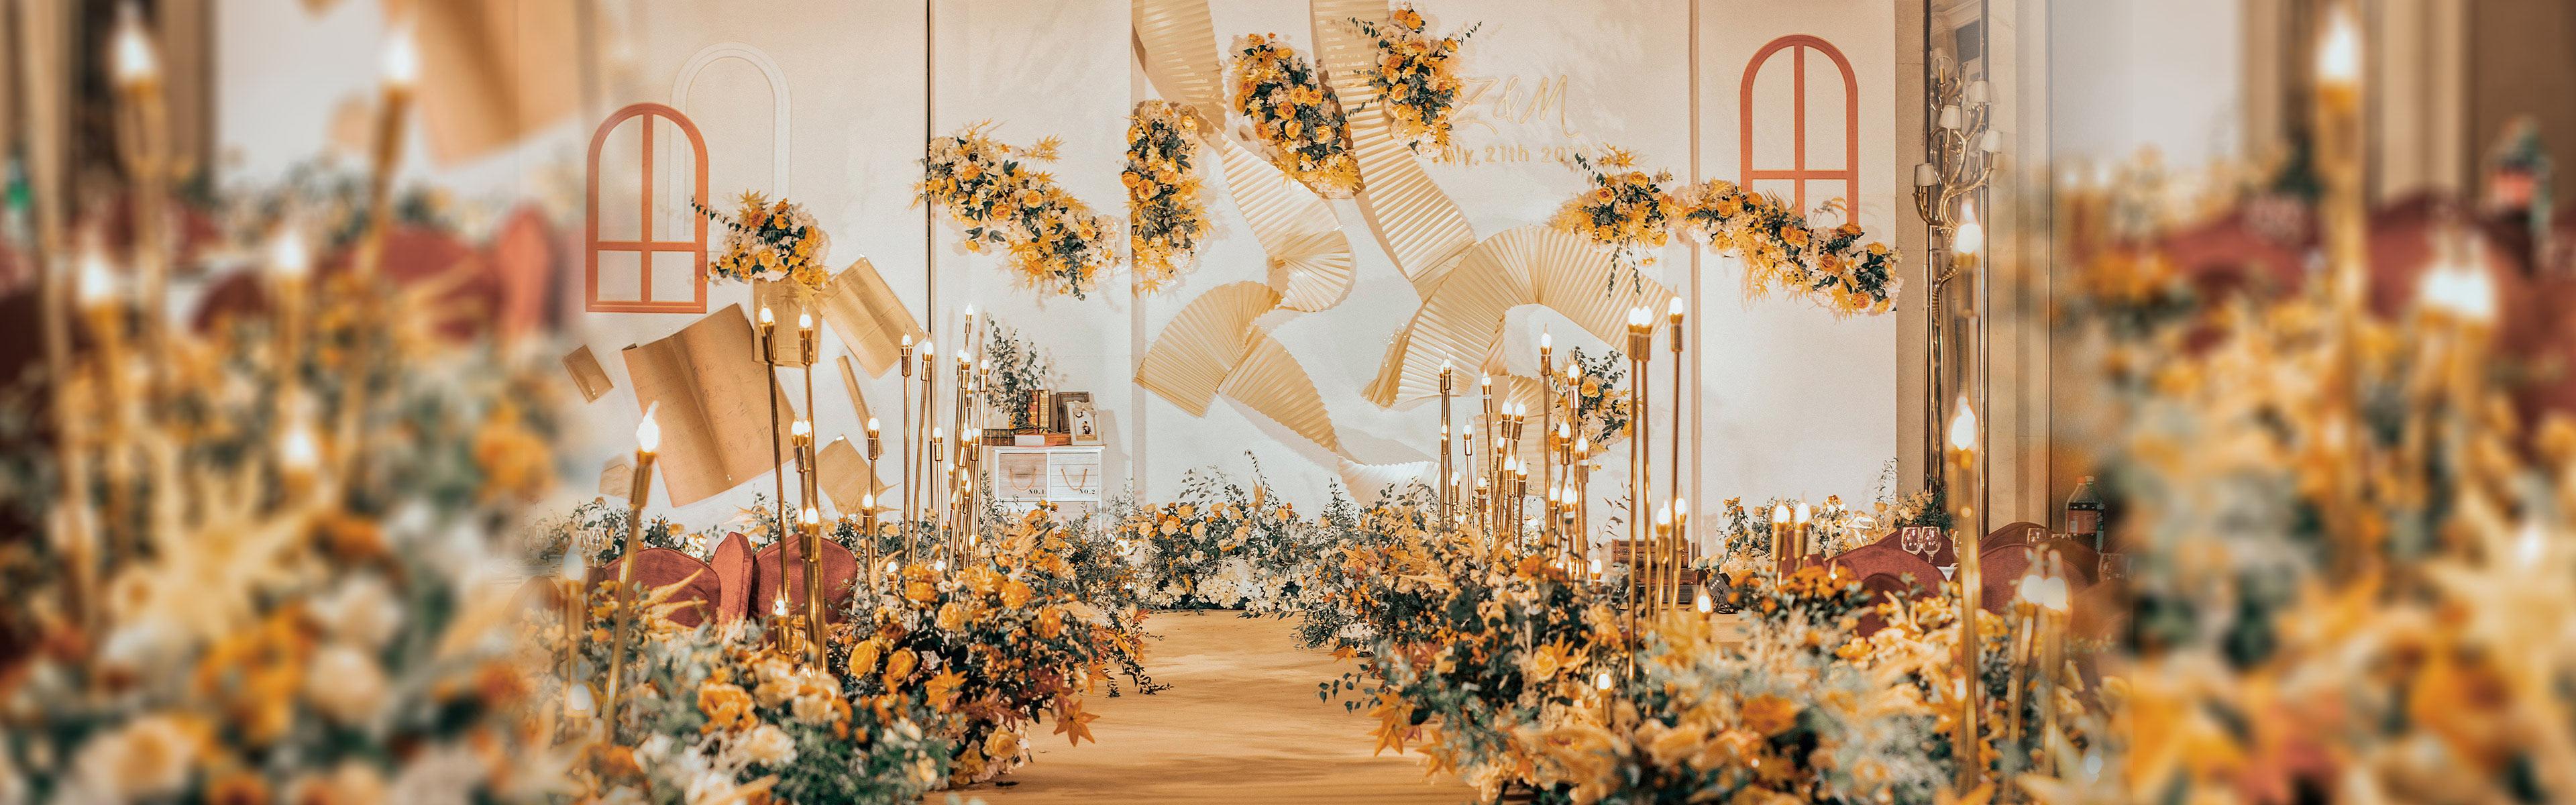 民勤县婚庆策划案例:最美婚礼 第12期 | 河南 郑州